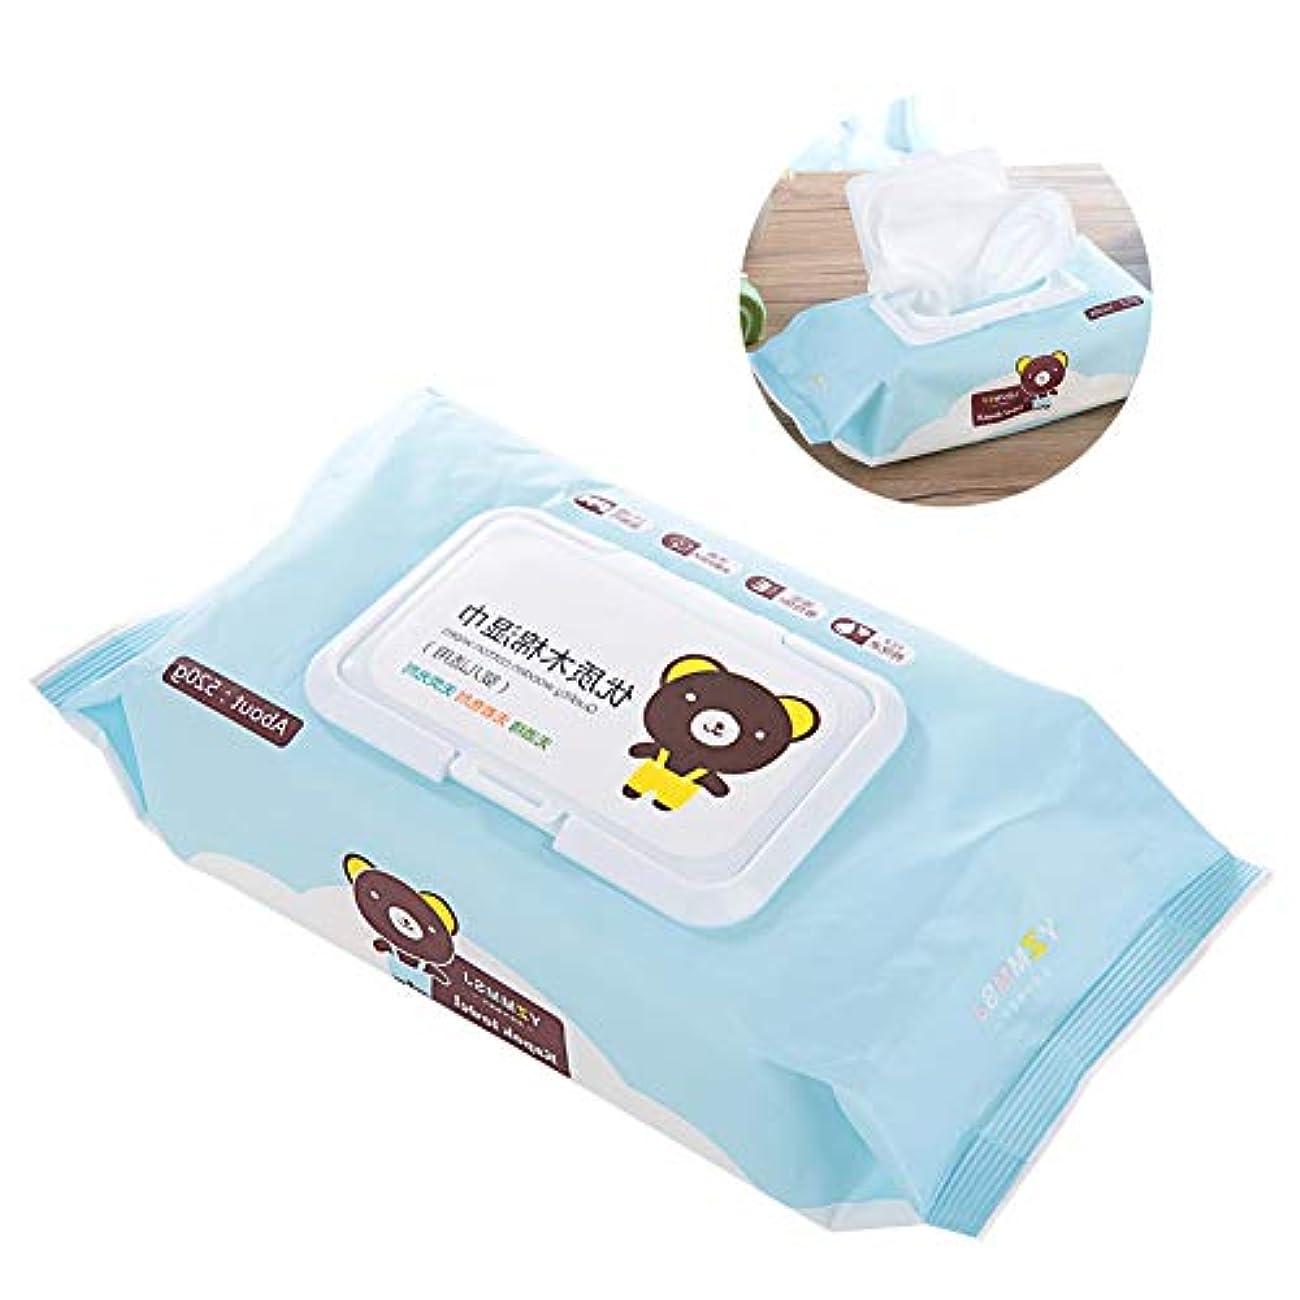 横宇宙裁判官Yuyte 80個の柔らかい使い捨て可能なウェットワイプ赤ちゃん幼児クリーニング口手のティッシュ(02)